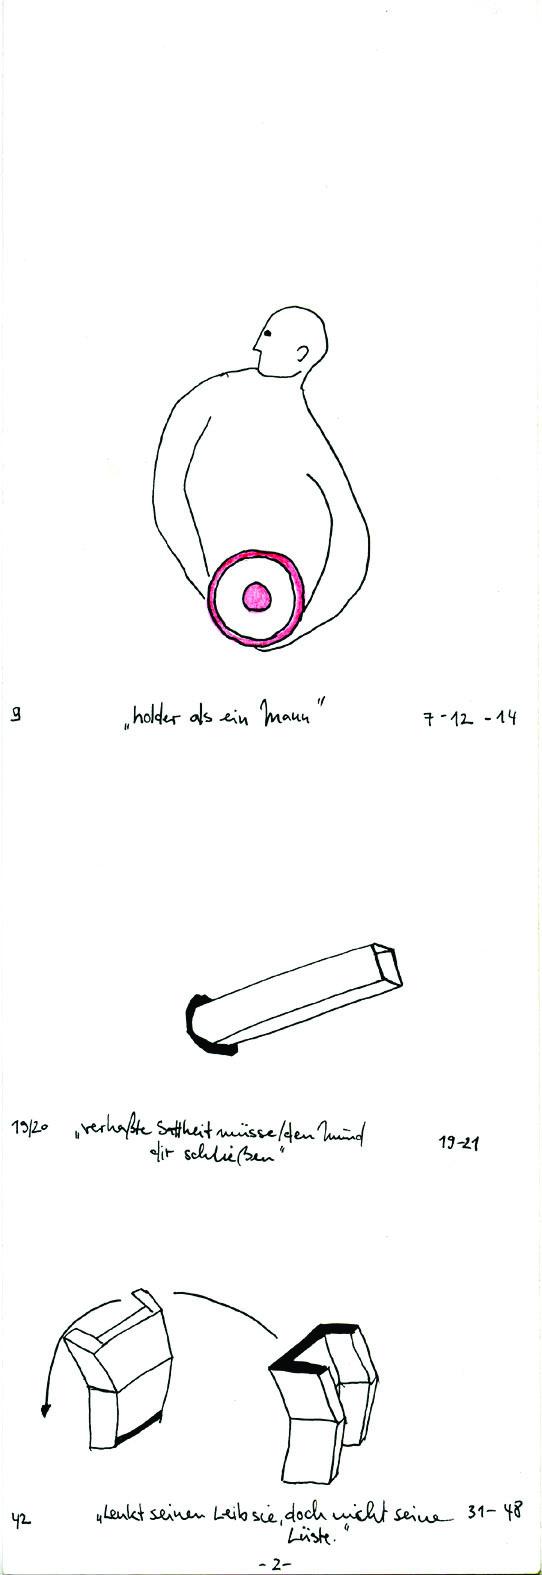 graphik v+a 2.jpg